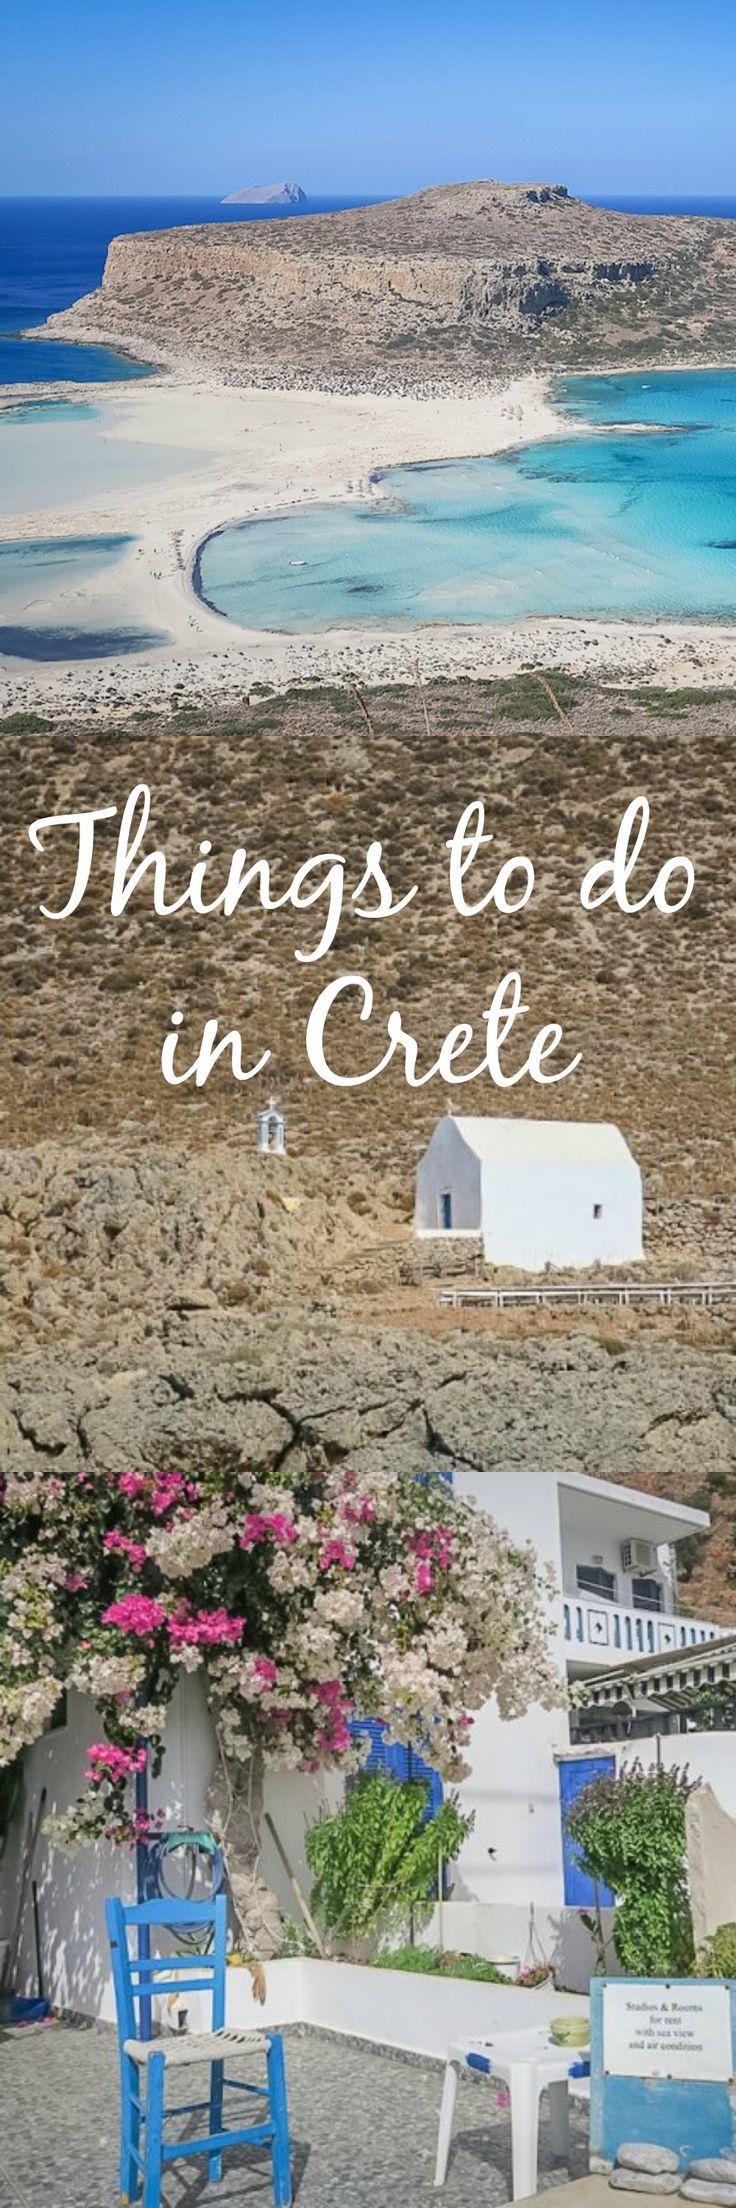 Chania Kreta: Traumstrände und kulinarischer Genuss in Griechenland